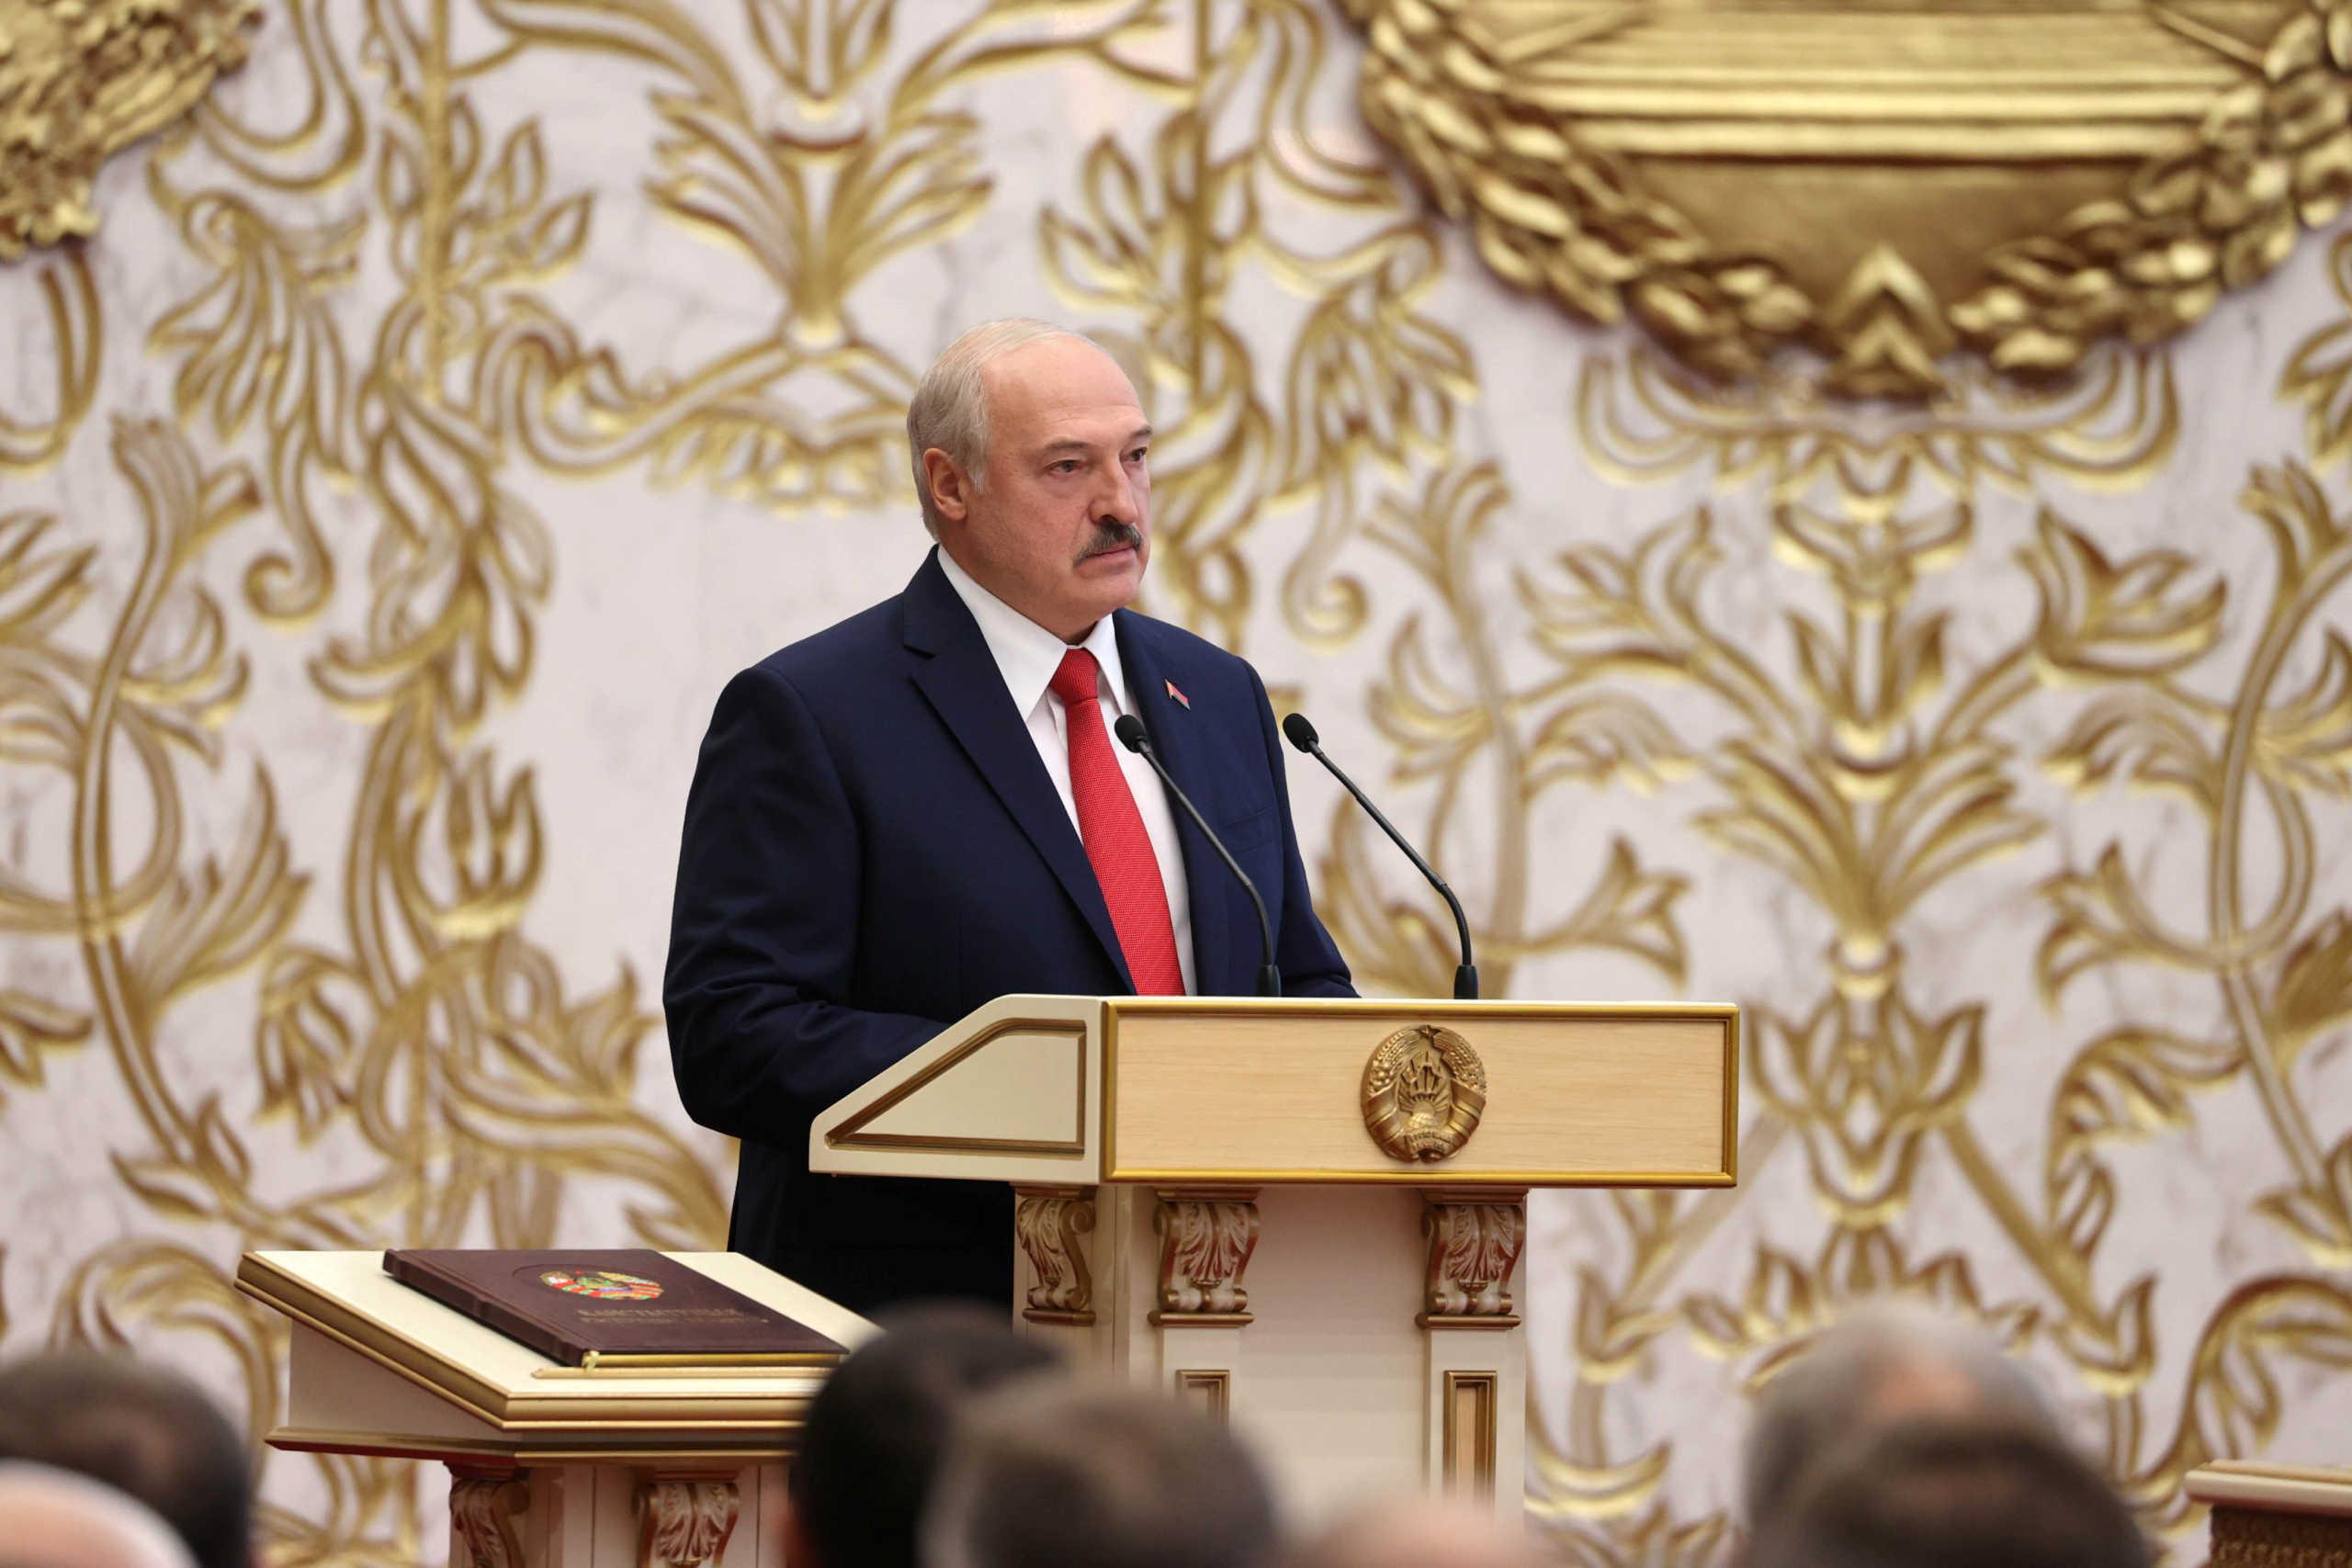 Λευκορωσία: Ο Λουκασένκο μεταφέρει στο Συμβούλιο Ασφαλείας τις προεδρικές εξουσίες αν καταστεί ανίκανος